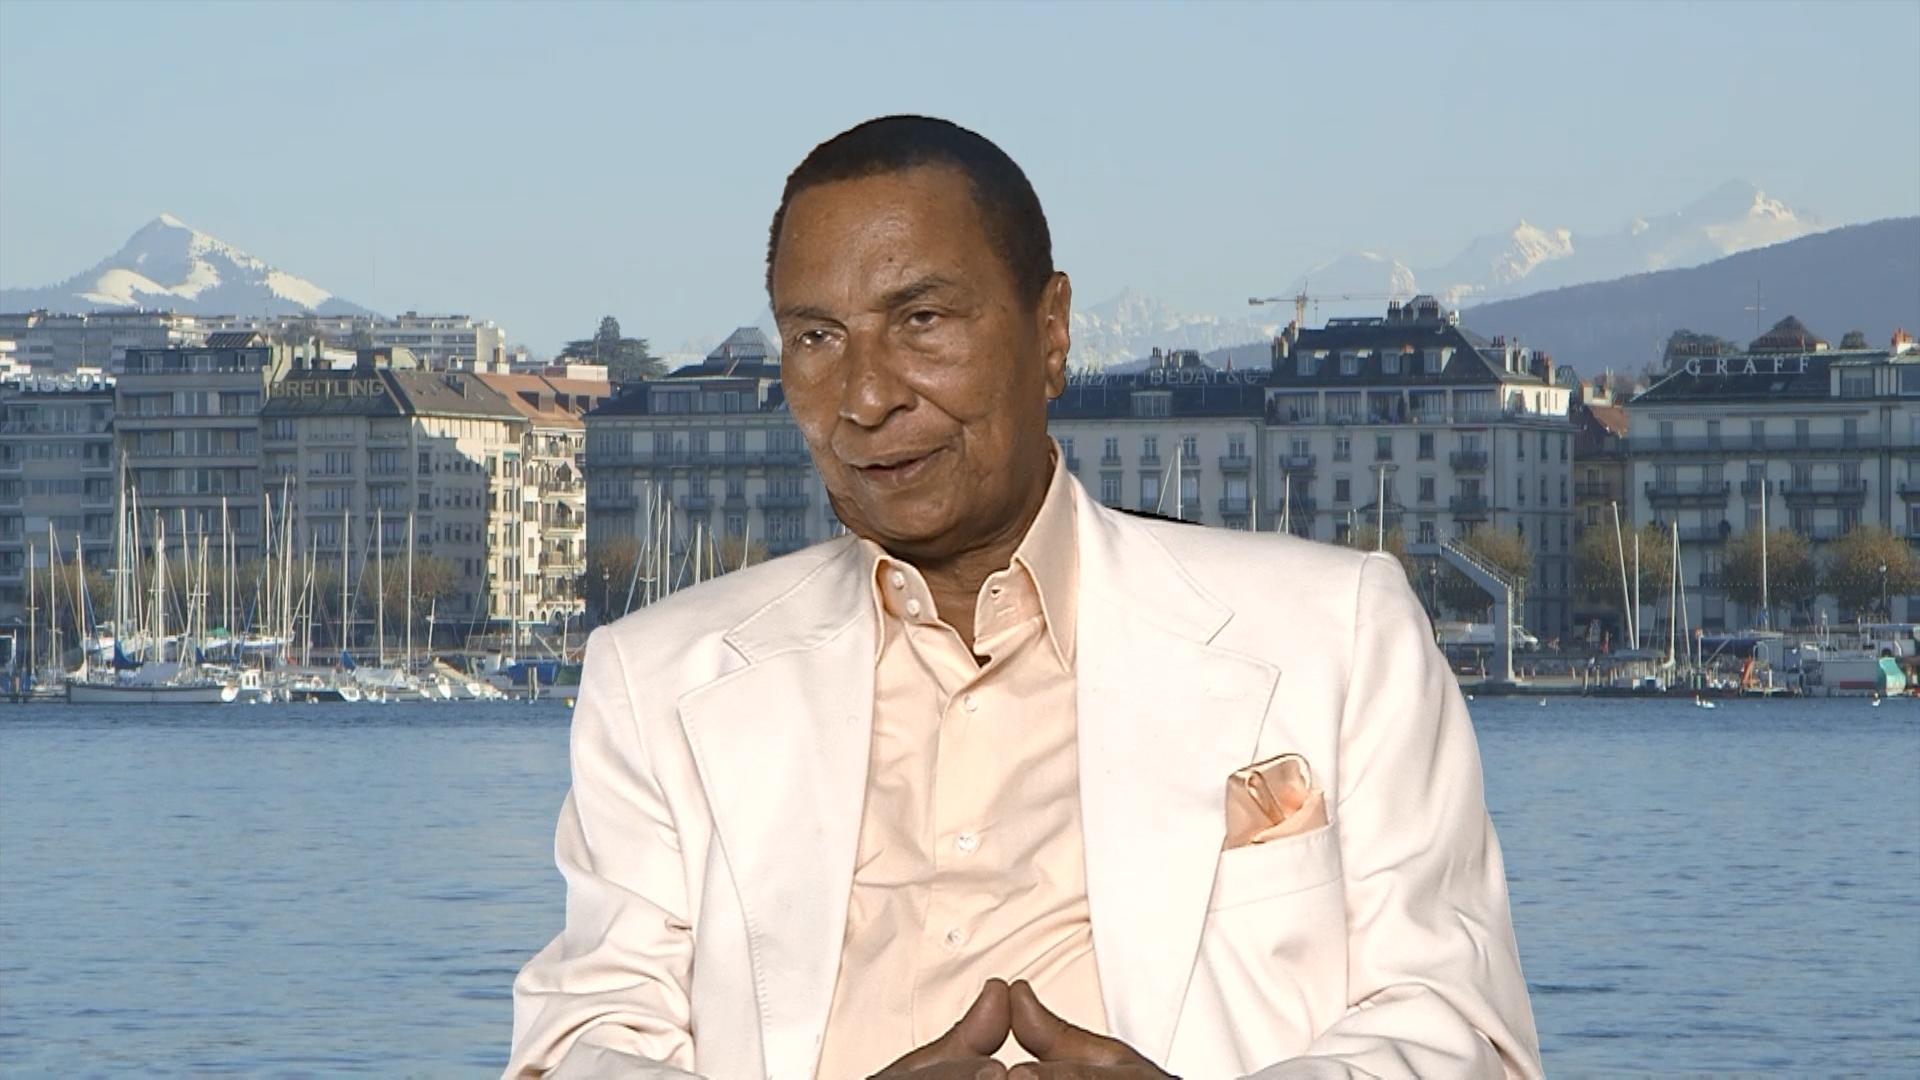 الكاتب والسياسي محمد عبدالمطلب الهوني